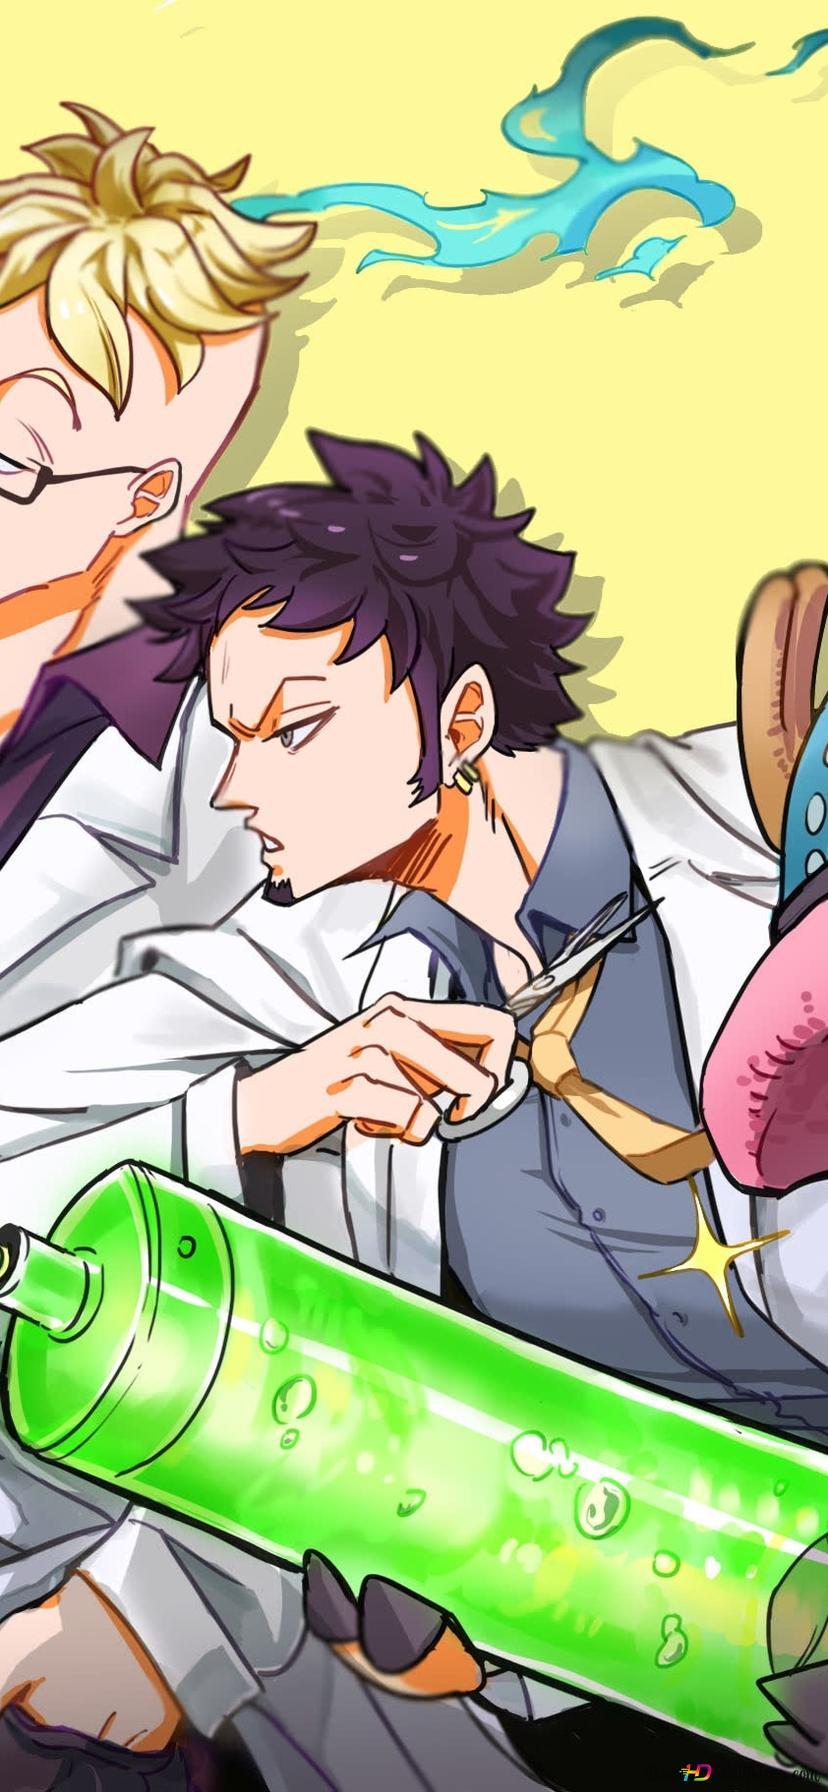 Descargar Fondo De Pantalla One Piece Marco El Phoenix